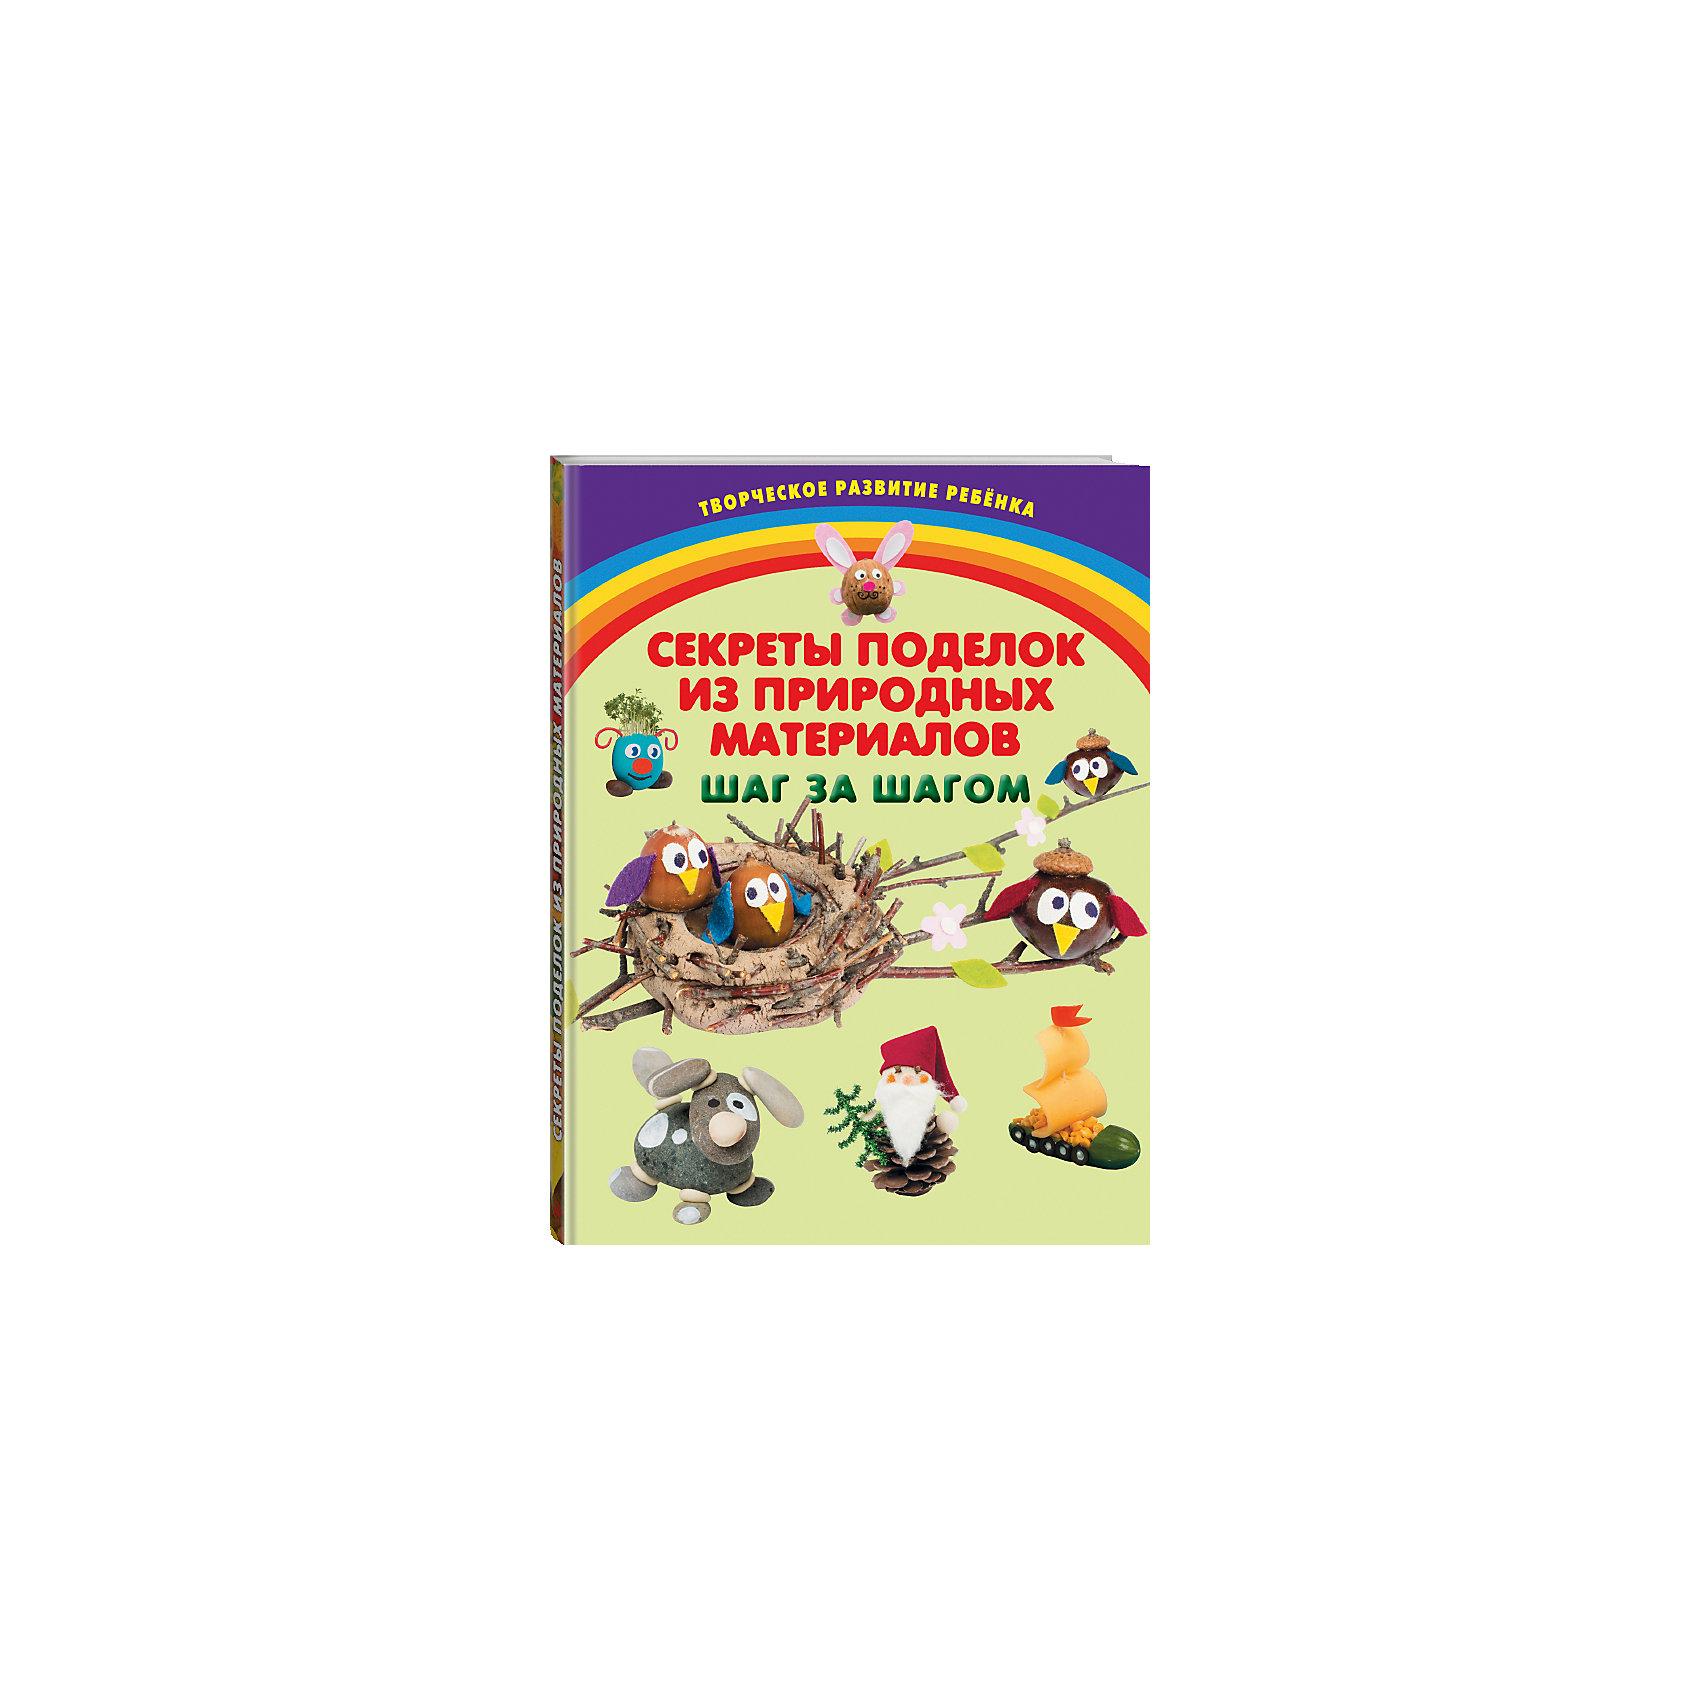 Секреты поделок из природных материалов, Шаг за шагомКниги по лепке<br>Книга создана специально для самых маленьких деток! Ее основная цель  - помочь родителям развить творческие способности ребенка, мелкую моторику рук, мышление, воображение, внимание, память, усидчивость и фантазию.<br>Не сразу, постепенно, шаг за шагом ребенок сможет самостоятельно делать разные поделки из природных материалов. Книга содержит наглядные и простые инструкции, пошаговые фотографии.<br><br>Дополнительная информация:<br><br>- Автор: Карленок Инна Викторовна.<br>- Переплет: твердый.<br>- Тип иллюстраций: фотографии цветные.<br>- Кол-во страниц: 64<br>- Год выпуска: 2014<br>- ISBN: 978-5-699-69559-1<br>- Размер упаковки: 22х29,7х1 см.<br>- Вес в упаковке: 540 г.<br><br>Купить книгу Секреты поделок из природных материалов, Шаг за шагом  можно в нашем магазине.<br><br>Ширина мм: 220<br>Глубина мм: 290<br>Высота мм: 10<br>Вес г: 540<br>Возраст от месяцев: 48<br>Возраст до месяцев: 72<br>Пол: Унисекс<br>Возраст: Детский<br>SKU: 4809948